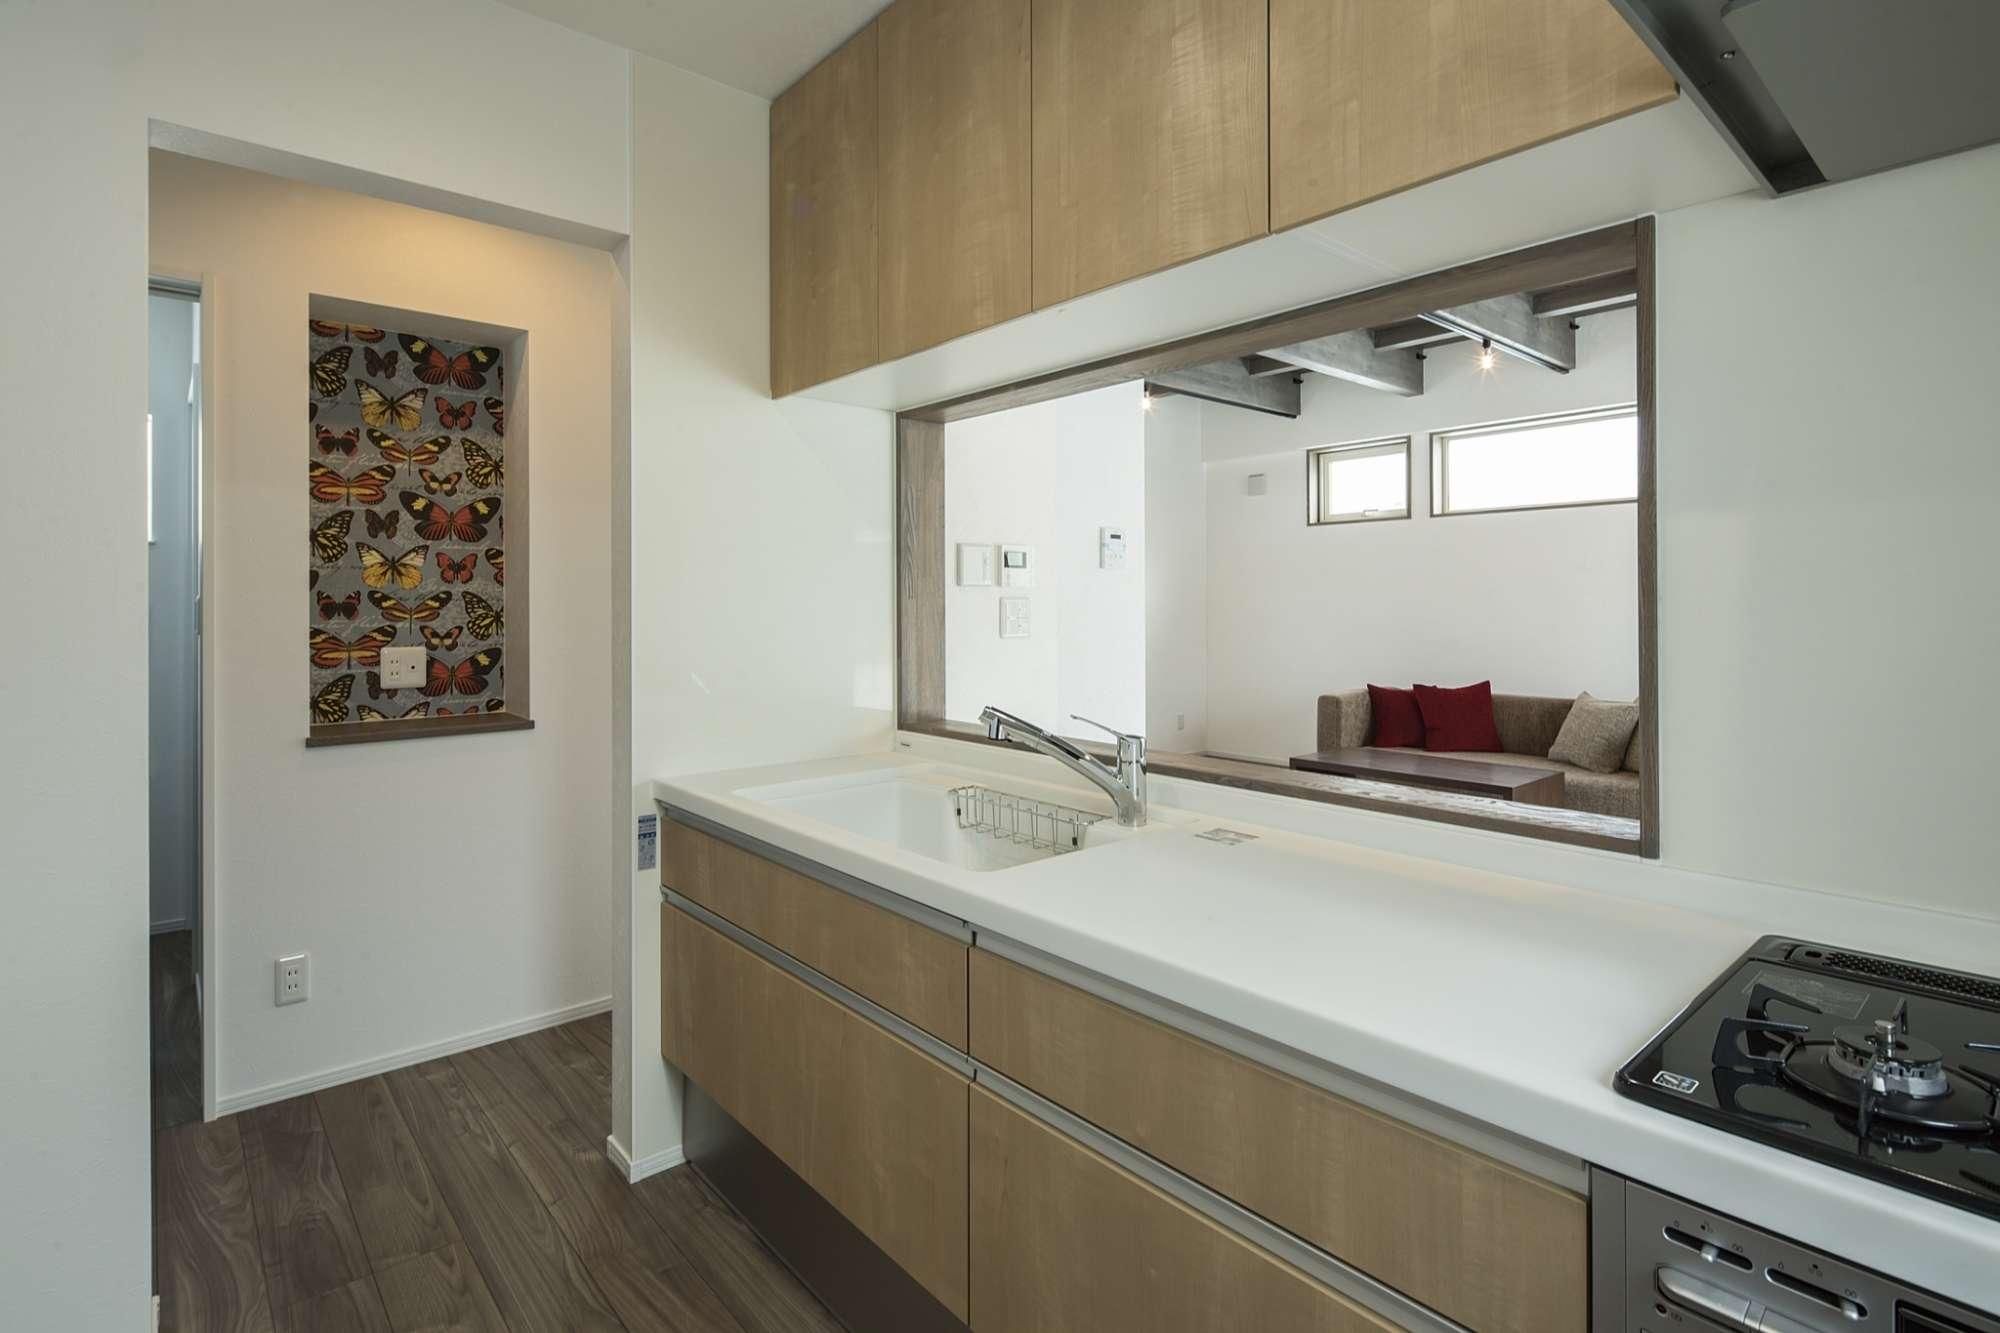 キッチンは落ち着いて料理ができる半個室のスペース -  -  -